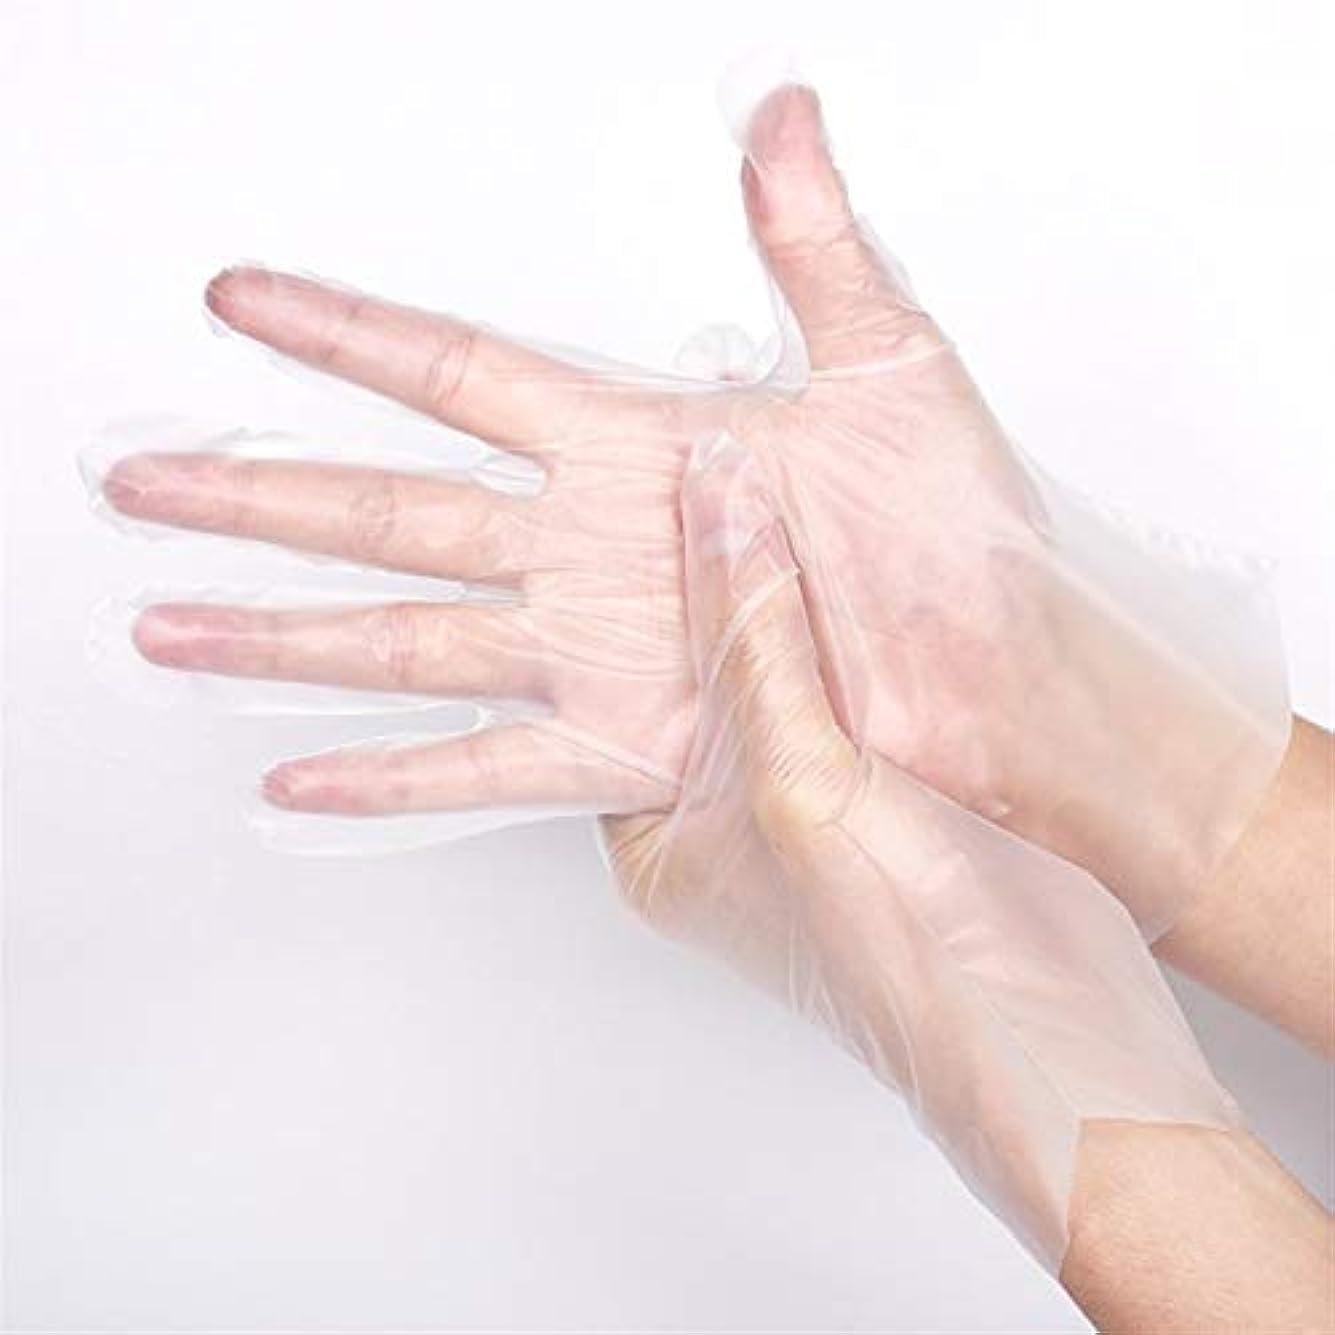 メタンを必要としています繁雑ニトリルゴム手袋 使い捨て手袋100厚ケータリング理髪プラスチックフィルム家庭用キッチン手袋、100 /箱 使い捨て手袋 (Color : Blue, Size : M)